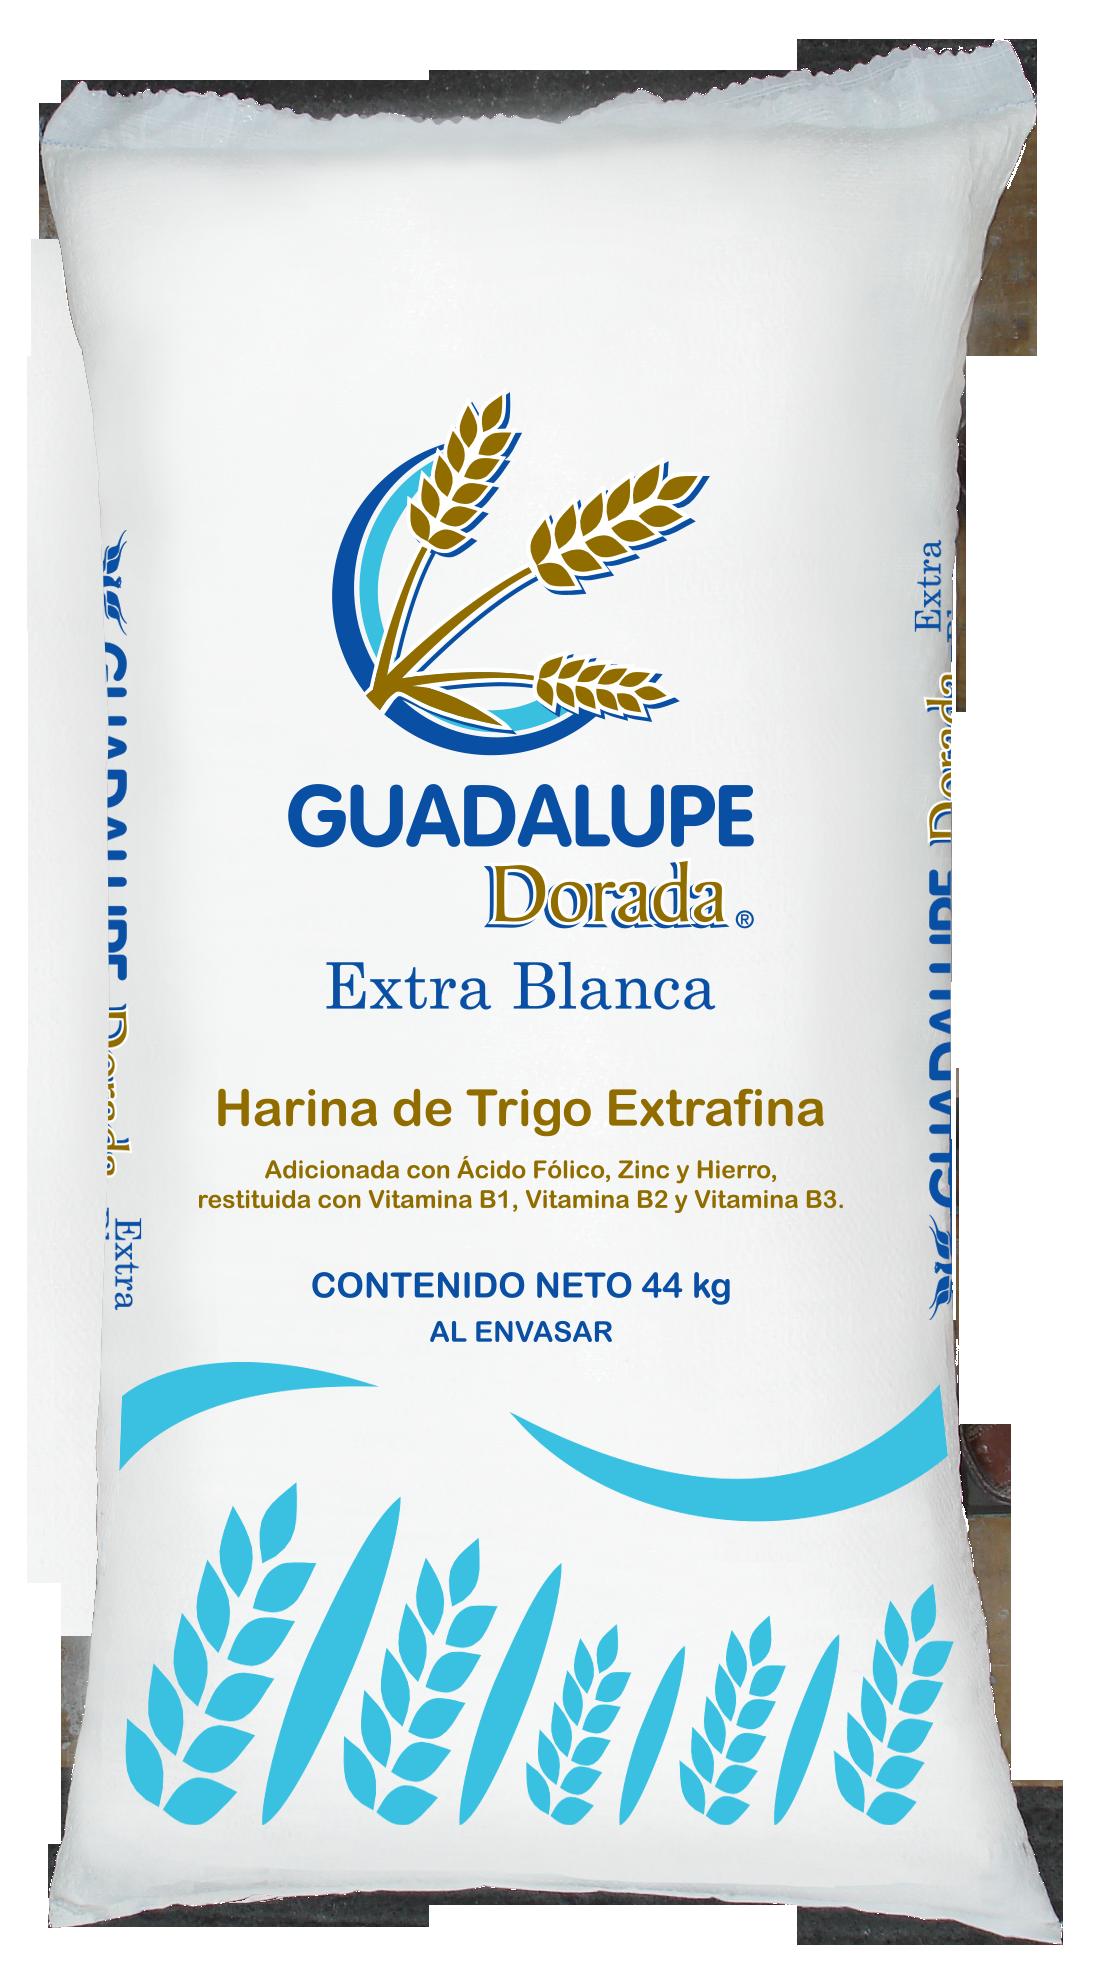 Presentaciones de Harina de Trigo Guadalupe Dorada Extra Blanca